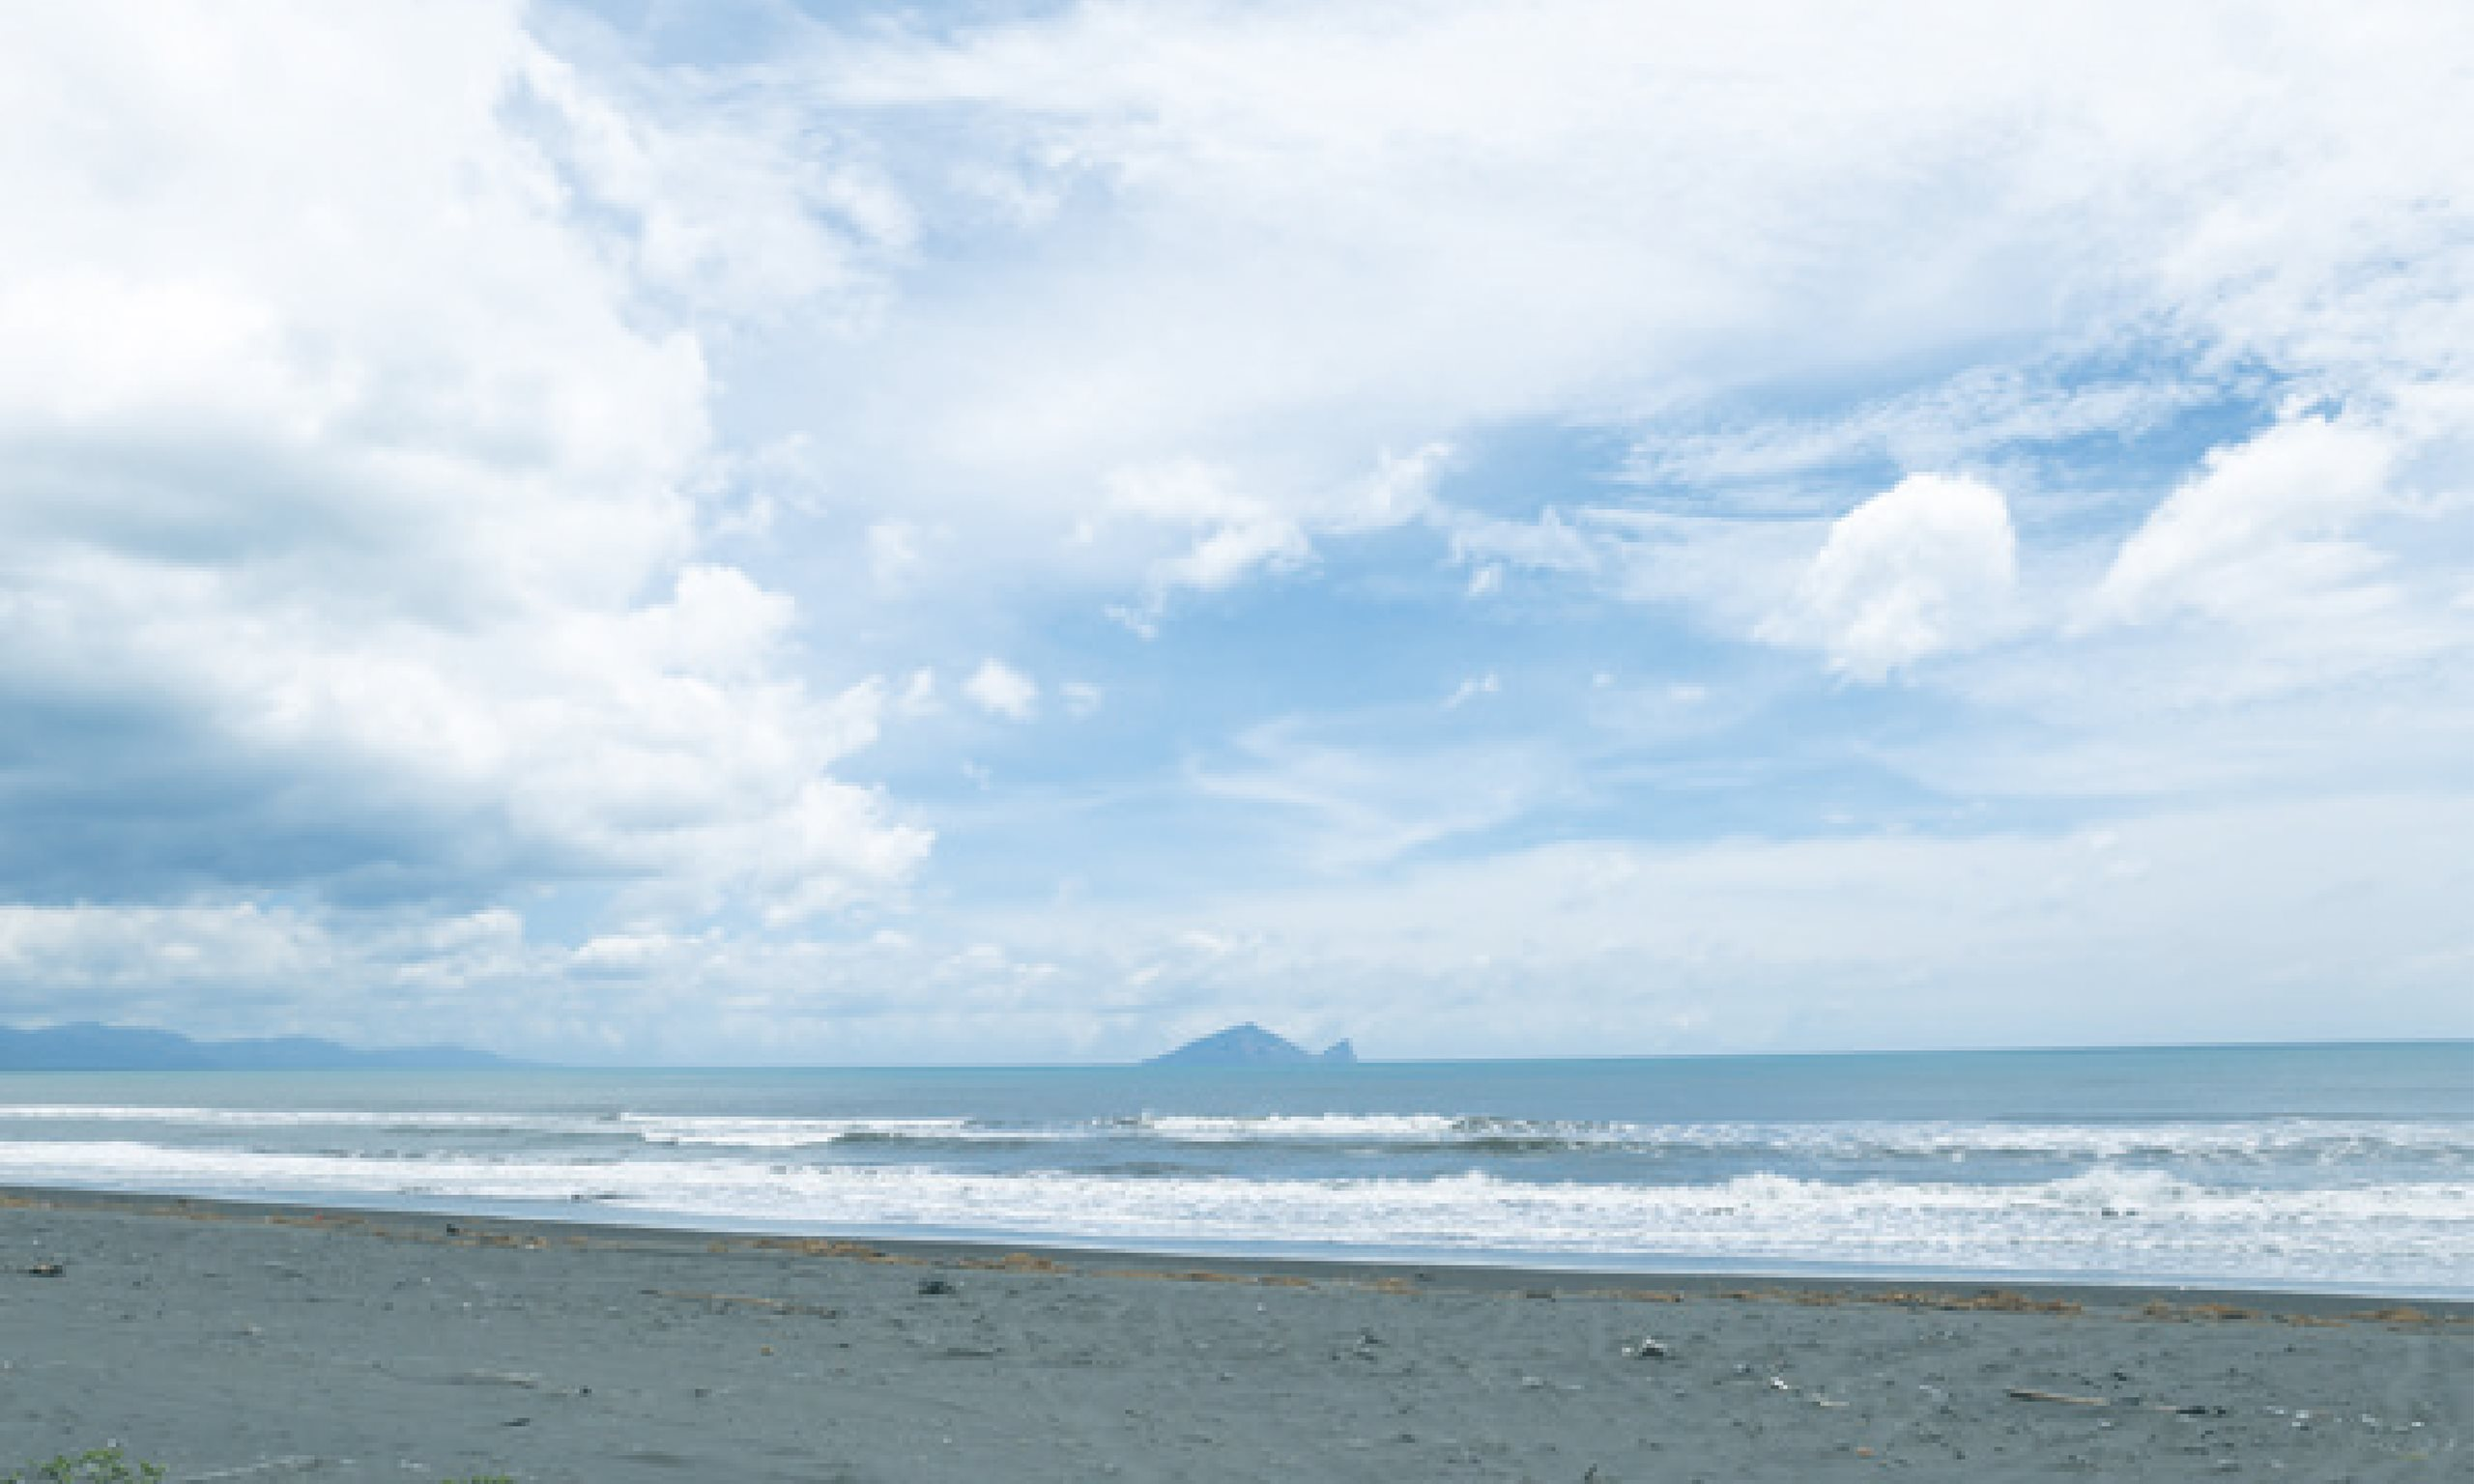 〖主題企劃〗我的家在海邊!住海邊生活提案 - 關於在海邊:創作是找尋自我的生活態度 - 海邊的司廚 雜貨